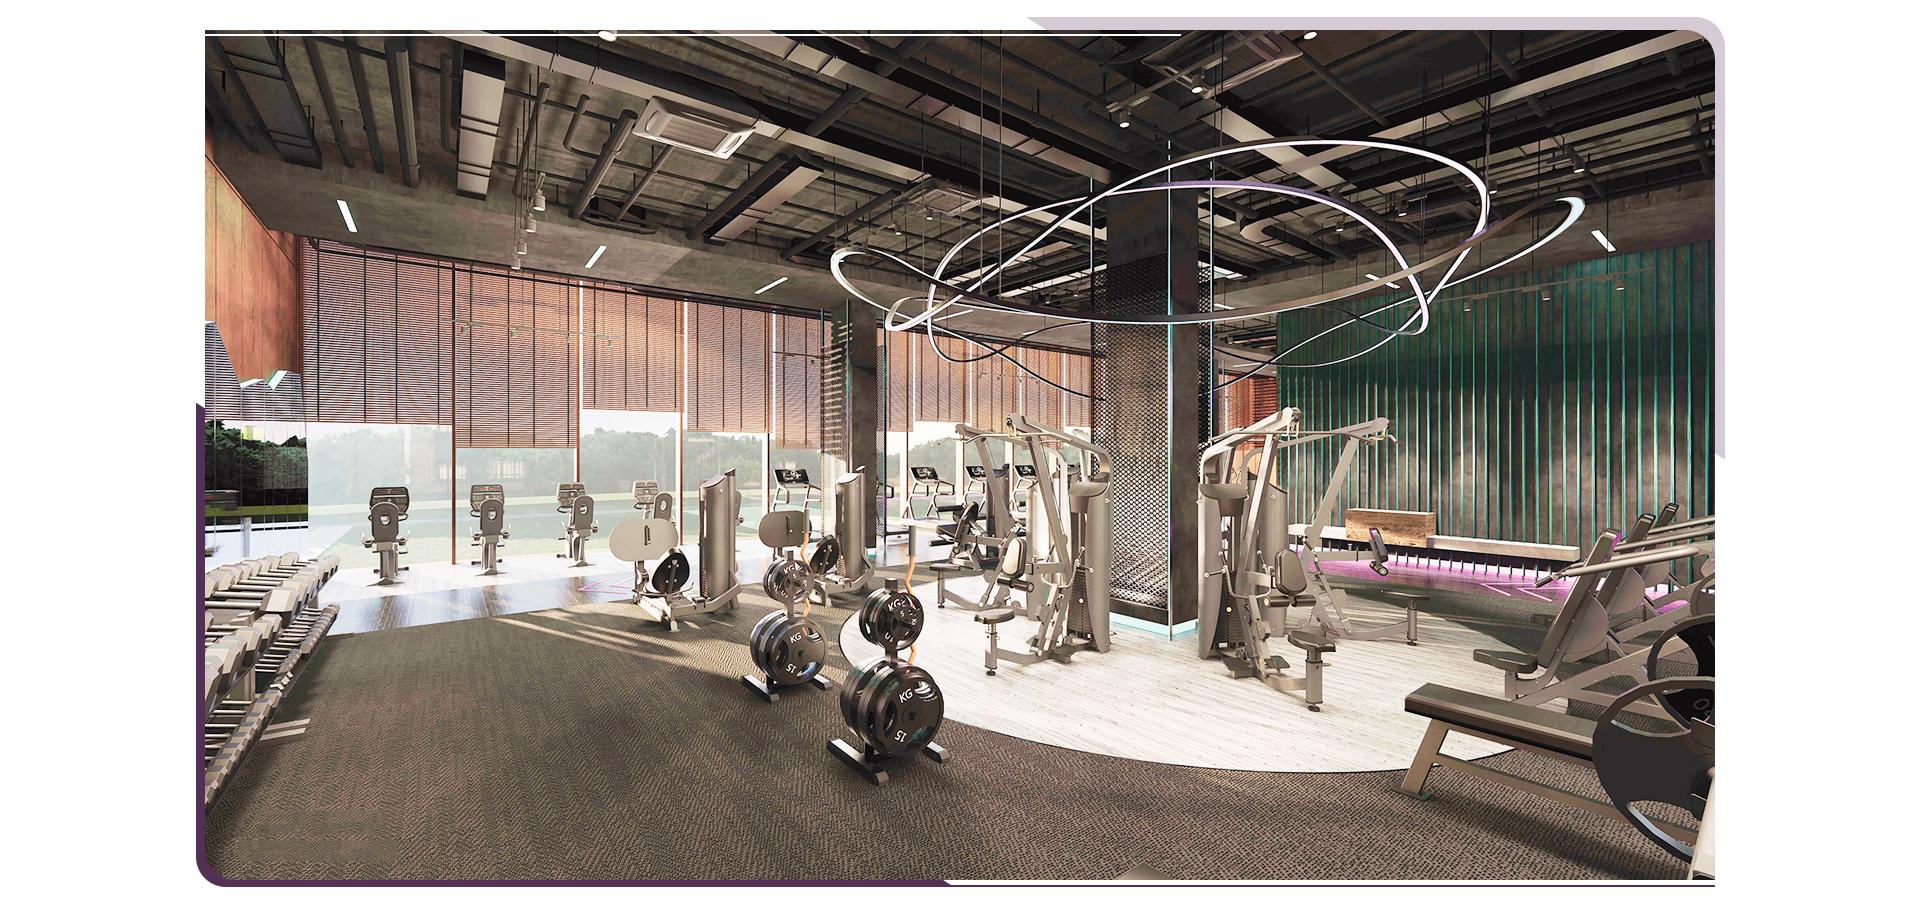 Celesta Rise đưa phong cách nghỉ dưỡng vào không gian sống 2020 11